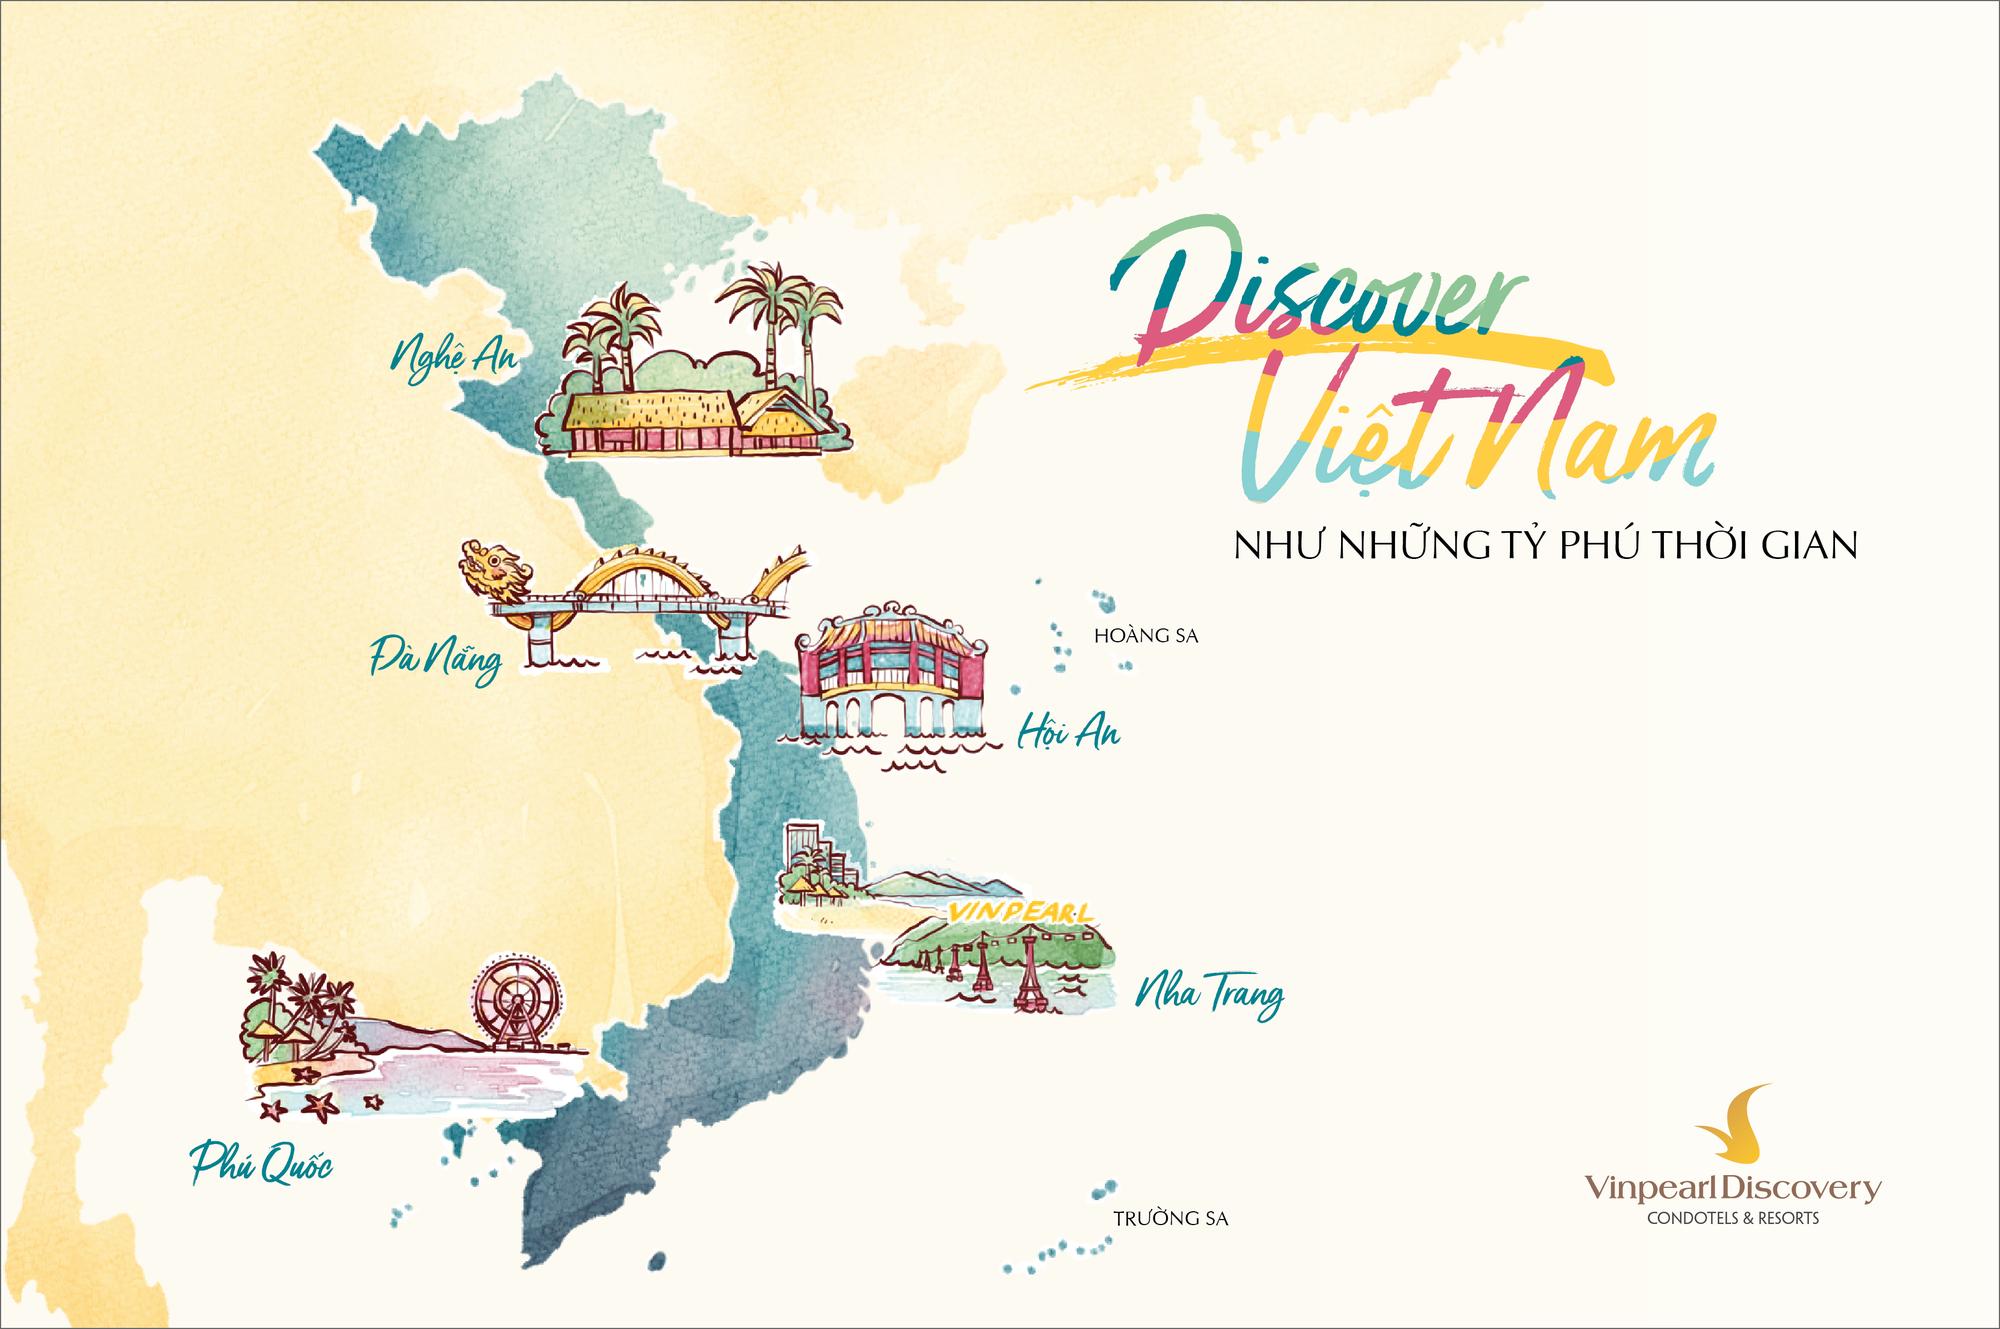 5 thiên đường biển tại Việt Nam với nhiều trải nghiệm thú vị cho kỳ nghỉ lễ trước hè - Ảnh 1.